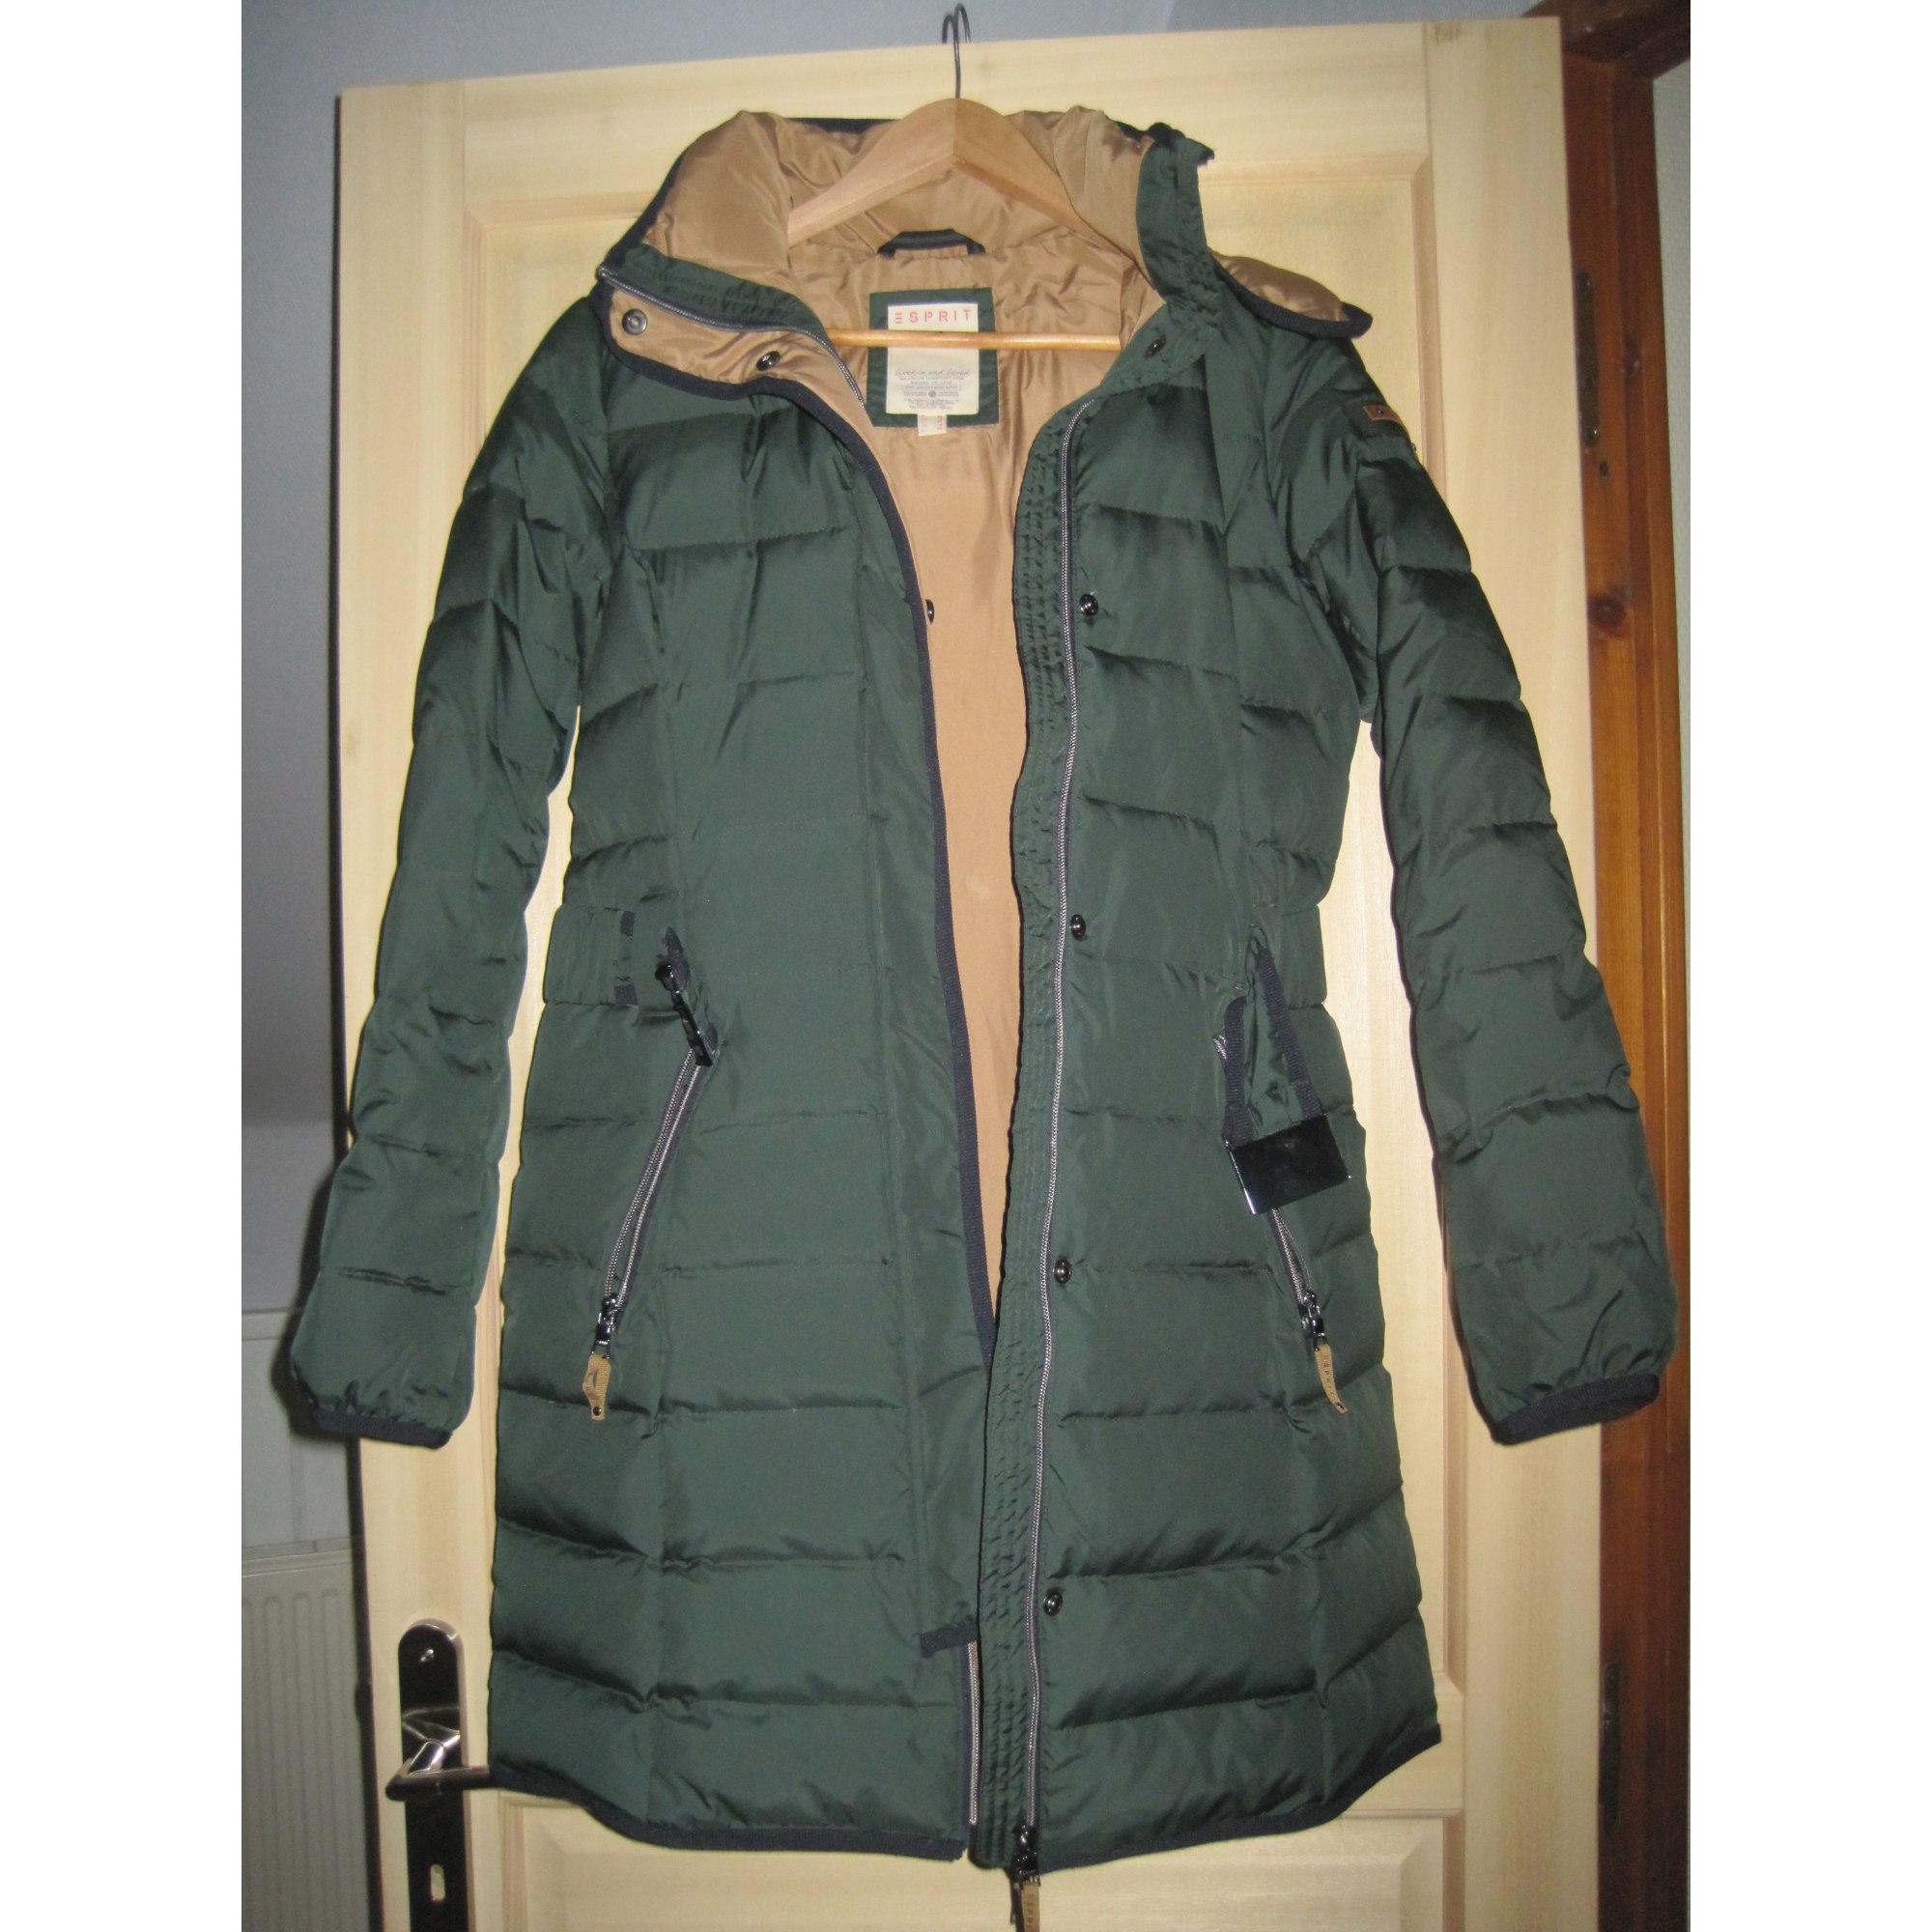 Doudoune ESPRIT 36 (S, T1) vert vendu par Carine tz - 3350407 9ec040914e2a